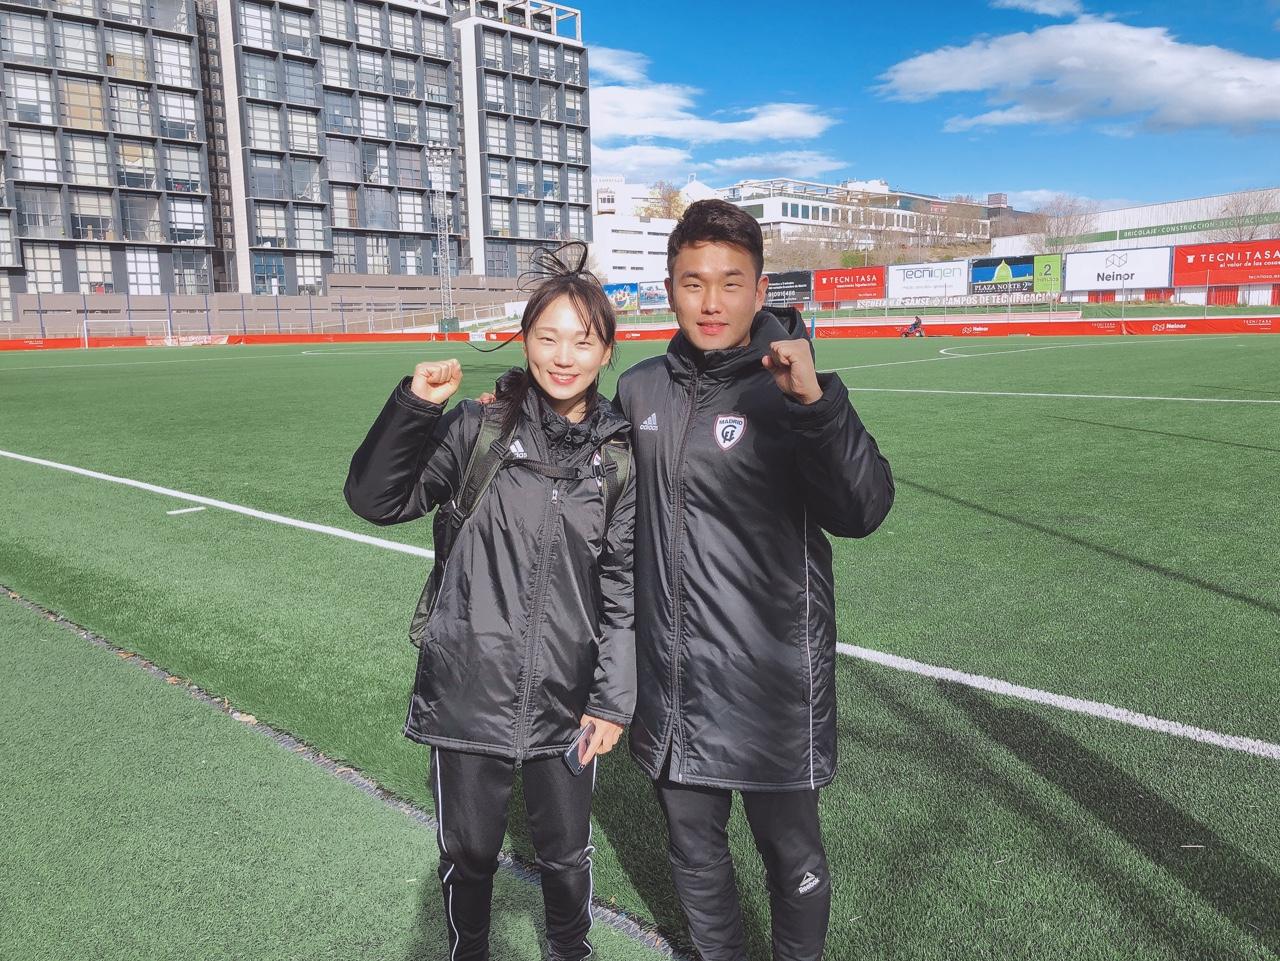 마드리드 CFF 장슬기(왼쪽) 스페인 여자축구 데뷔 2경기 만에 승리를 거뒀다. 오른쪽은 팀의 한국인 민성훈 코치. [사진 장슬기 매니지먼트 SNM EO]